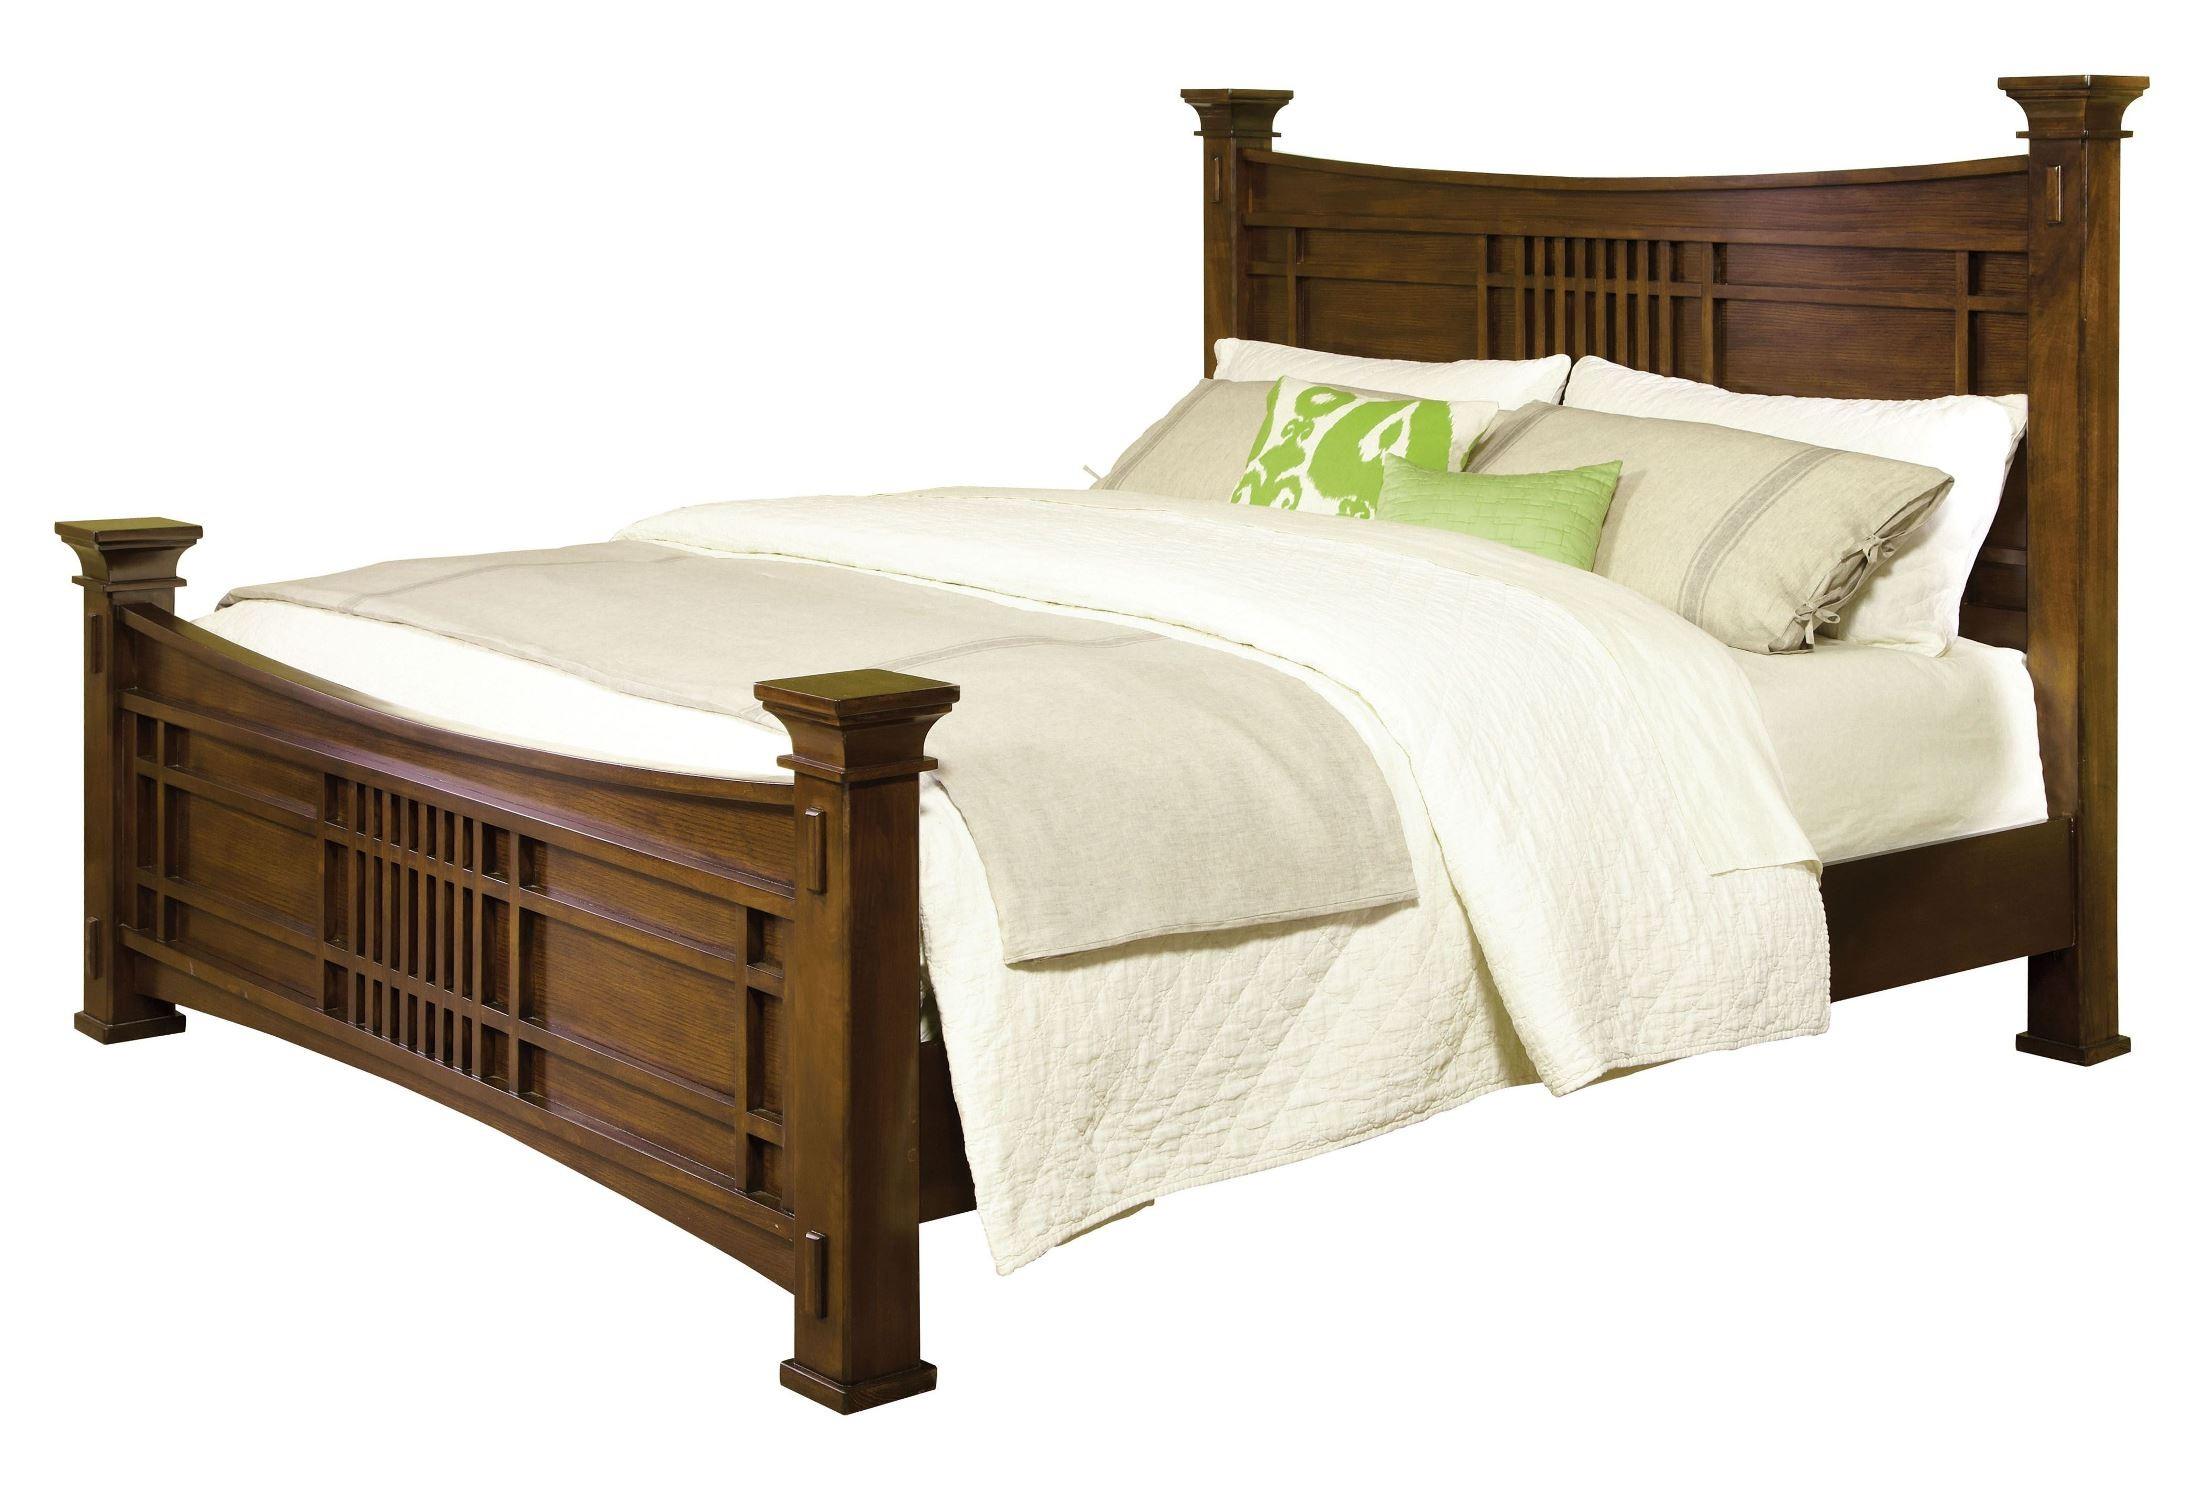 Artisan loft warm medium oak queen column bed from standard 92101 92103 92102 coleman furniture - Medium sized loft houses ...